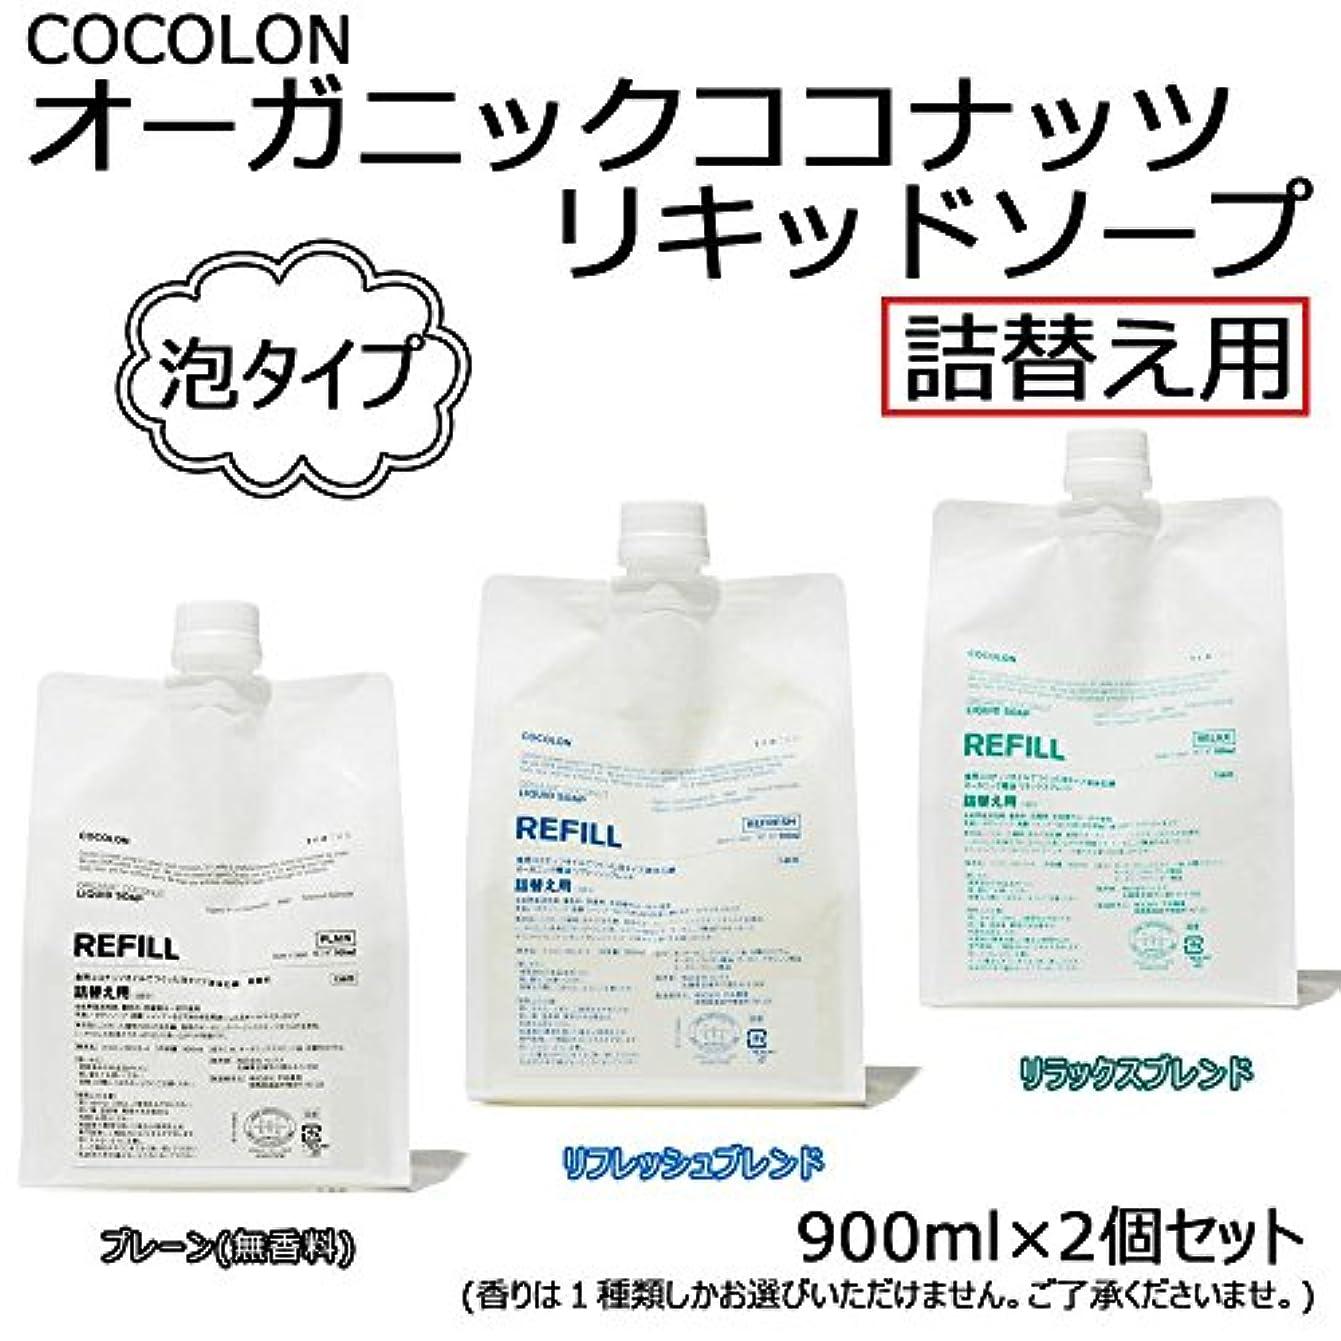 センターメトリック警告するCOCOLON ココロン オーガニックココナッツリキッドソープ 泡タイプ 詰替え用 900ml 2個セット リフレッシュブレンド